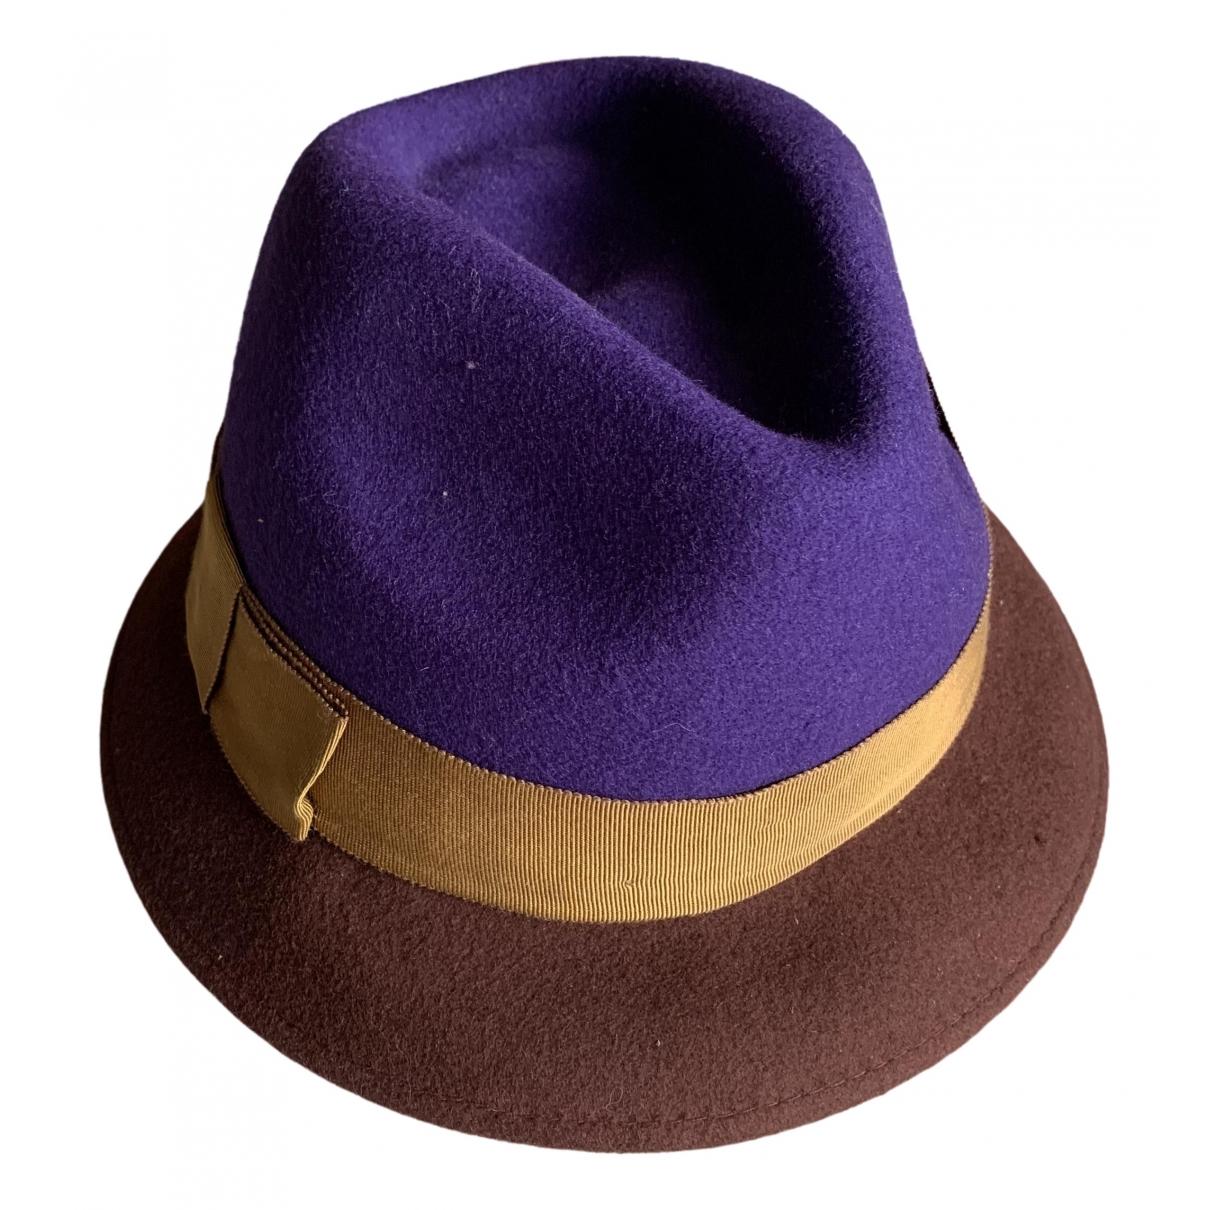 Bimba Y Lola \N Purple Wool hat for Women S International